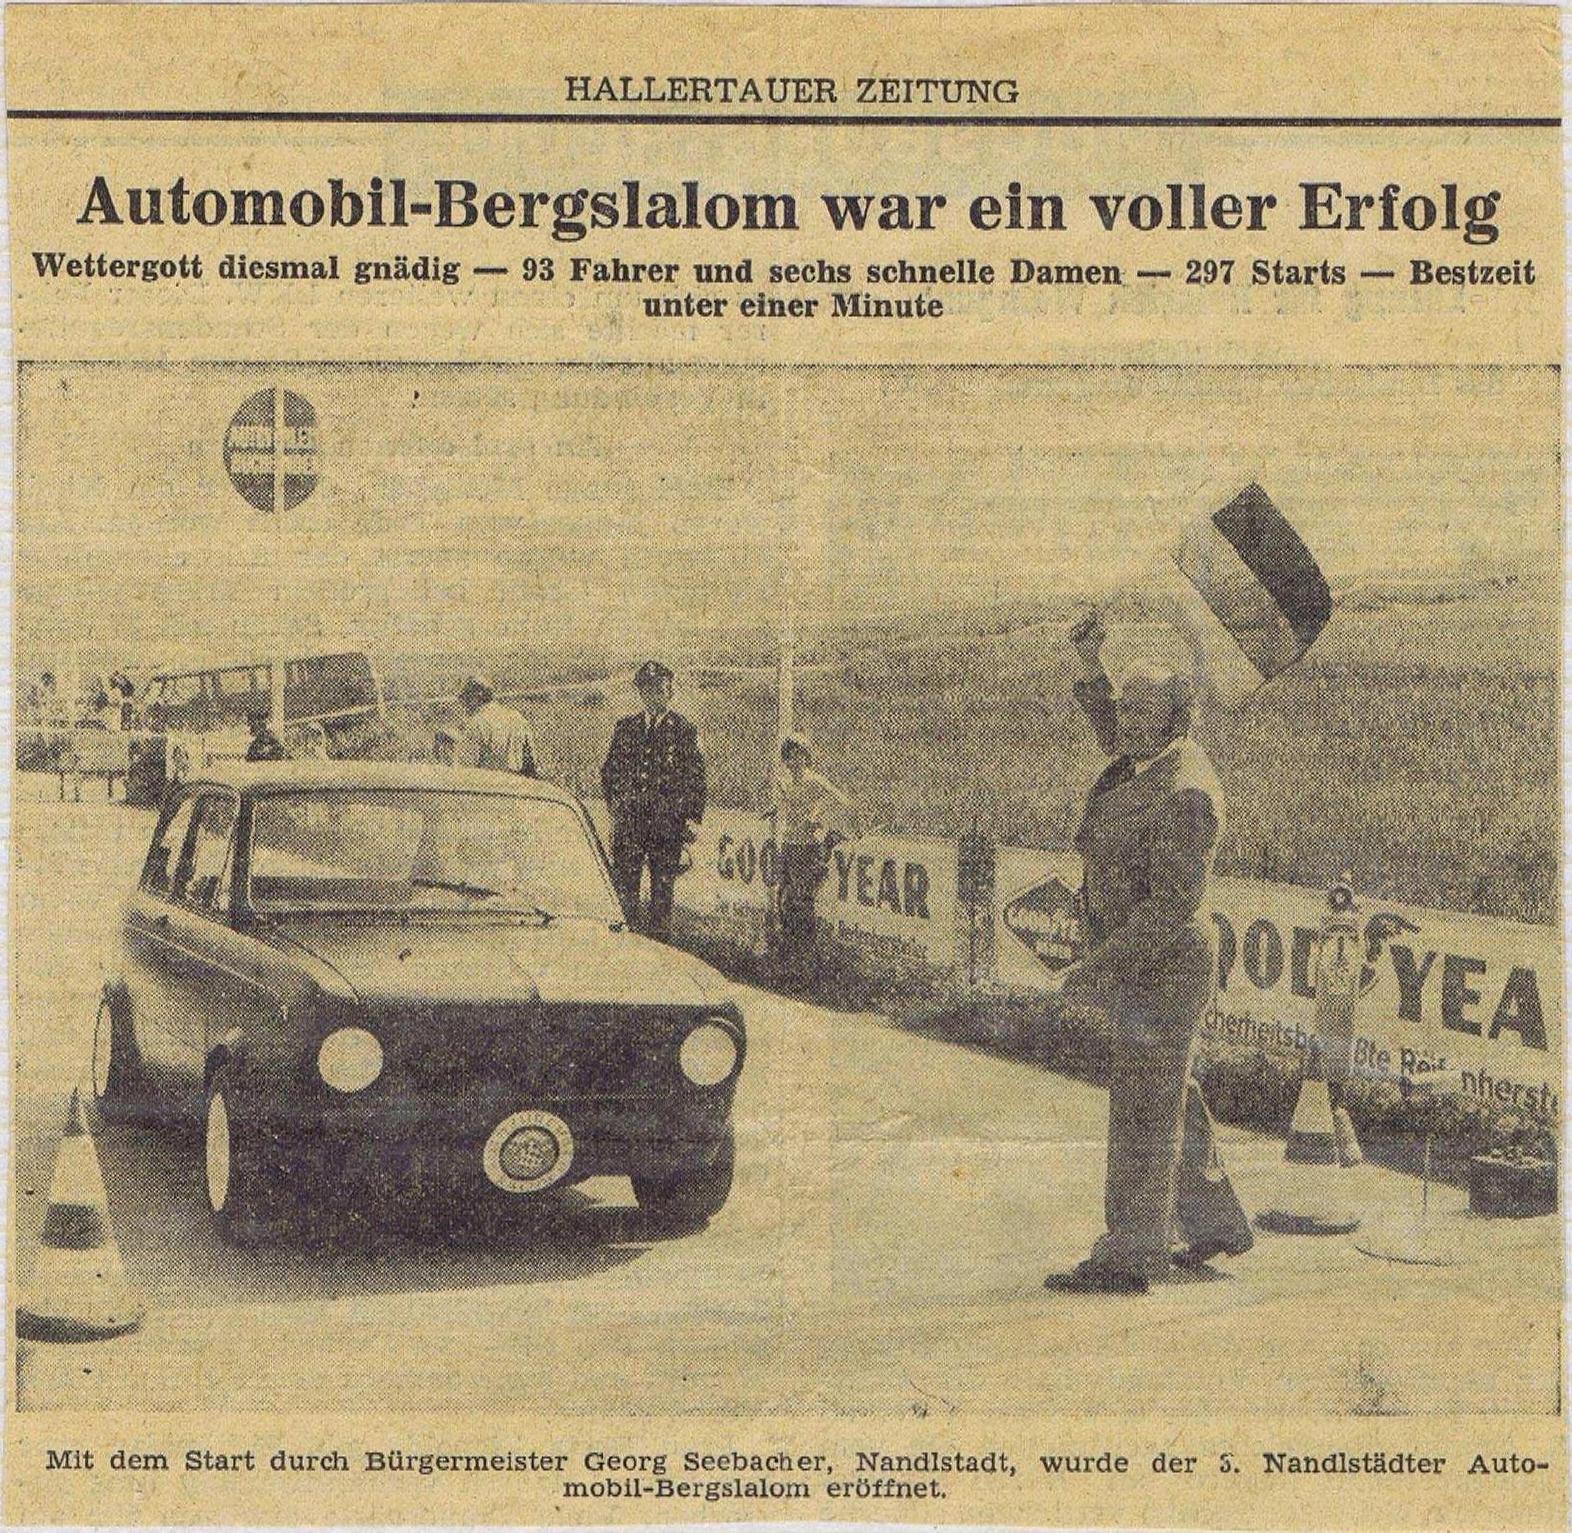 Hallertauer Zeitung - Automobil-Bergslalom war ein voller Erfolg